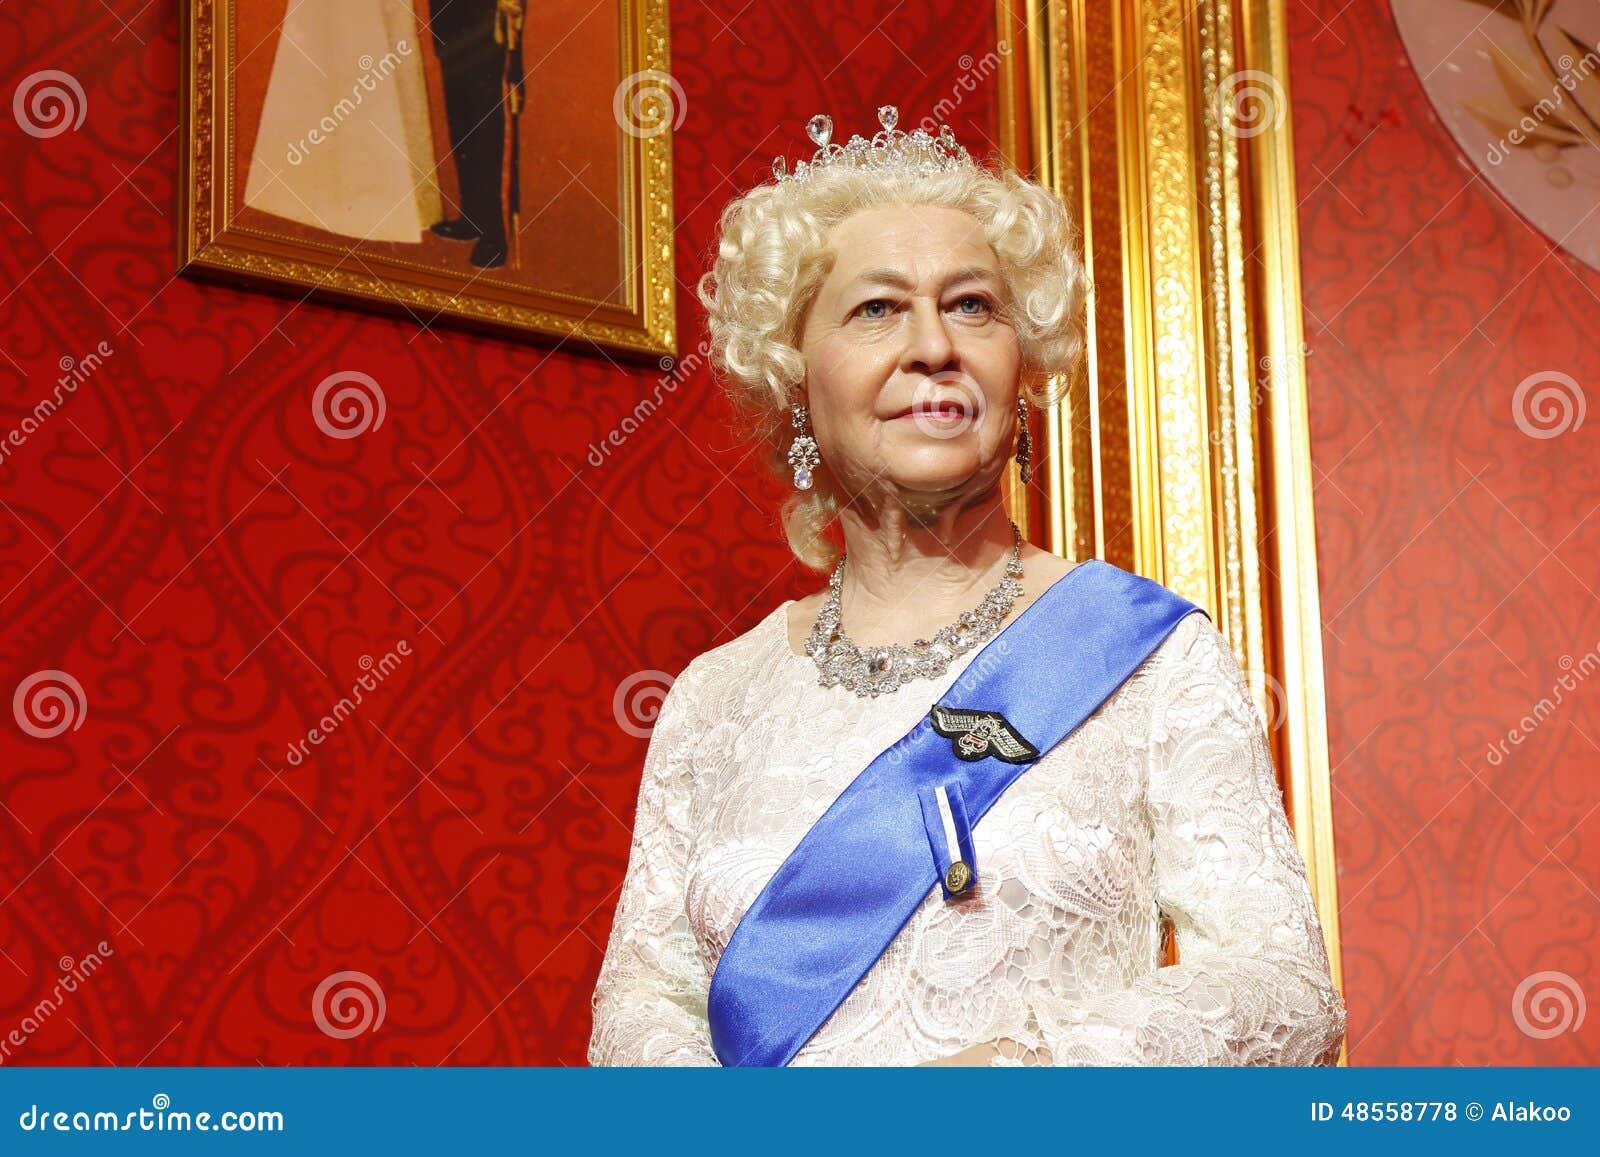 Βασίλισσα Elizabeth II, άγαλμα κεριών, αριθμός κεριών, κηροπλαστική